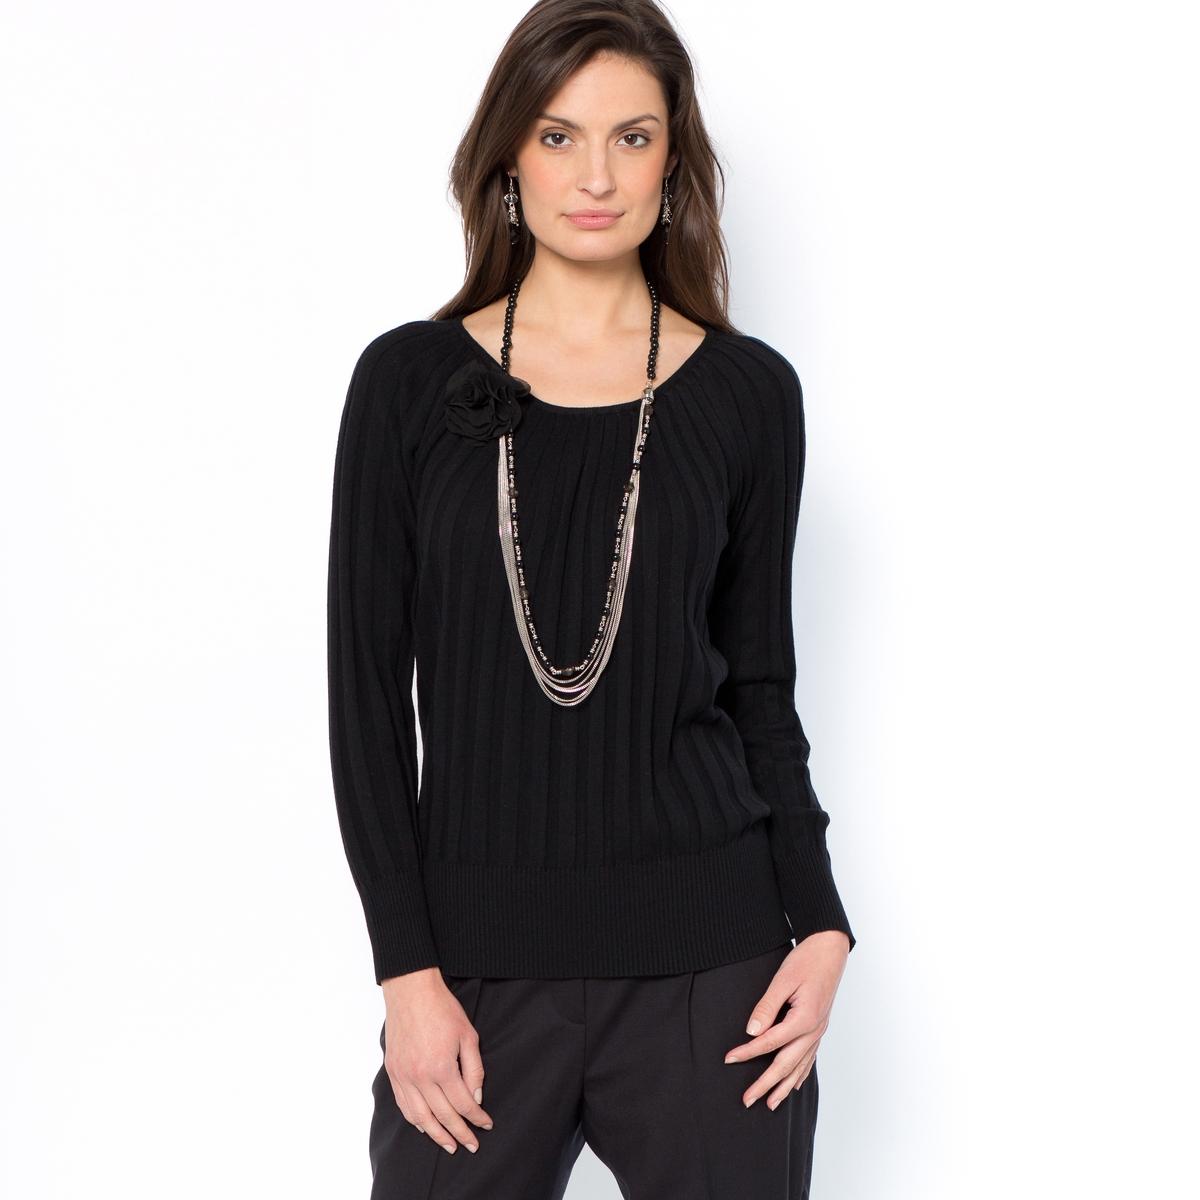 Пуловер в гламурном стиле с плиссировкой в виде солнца, 10% шерсти